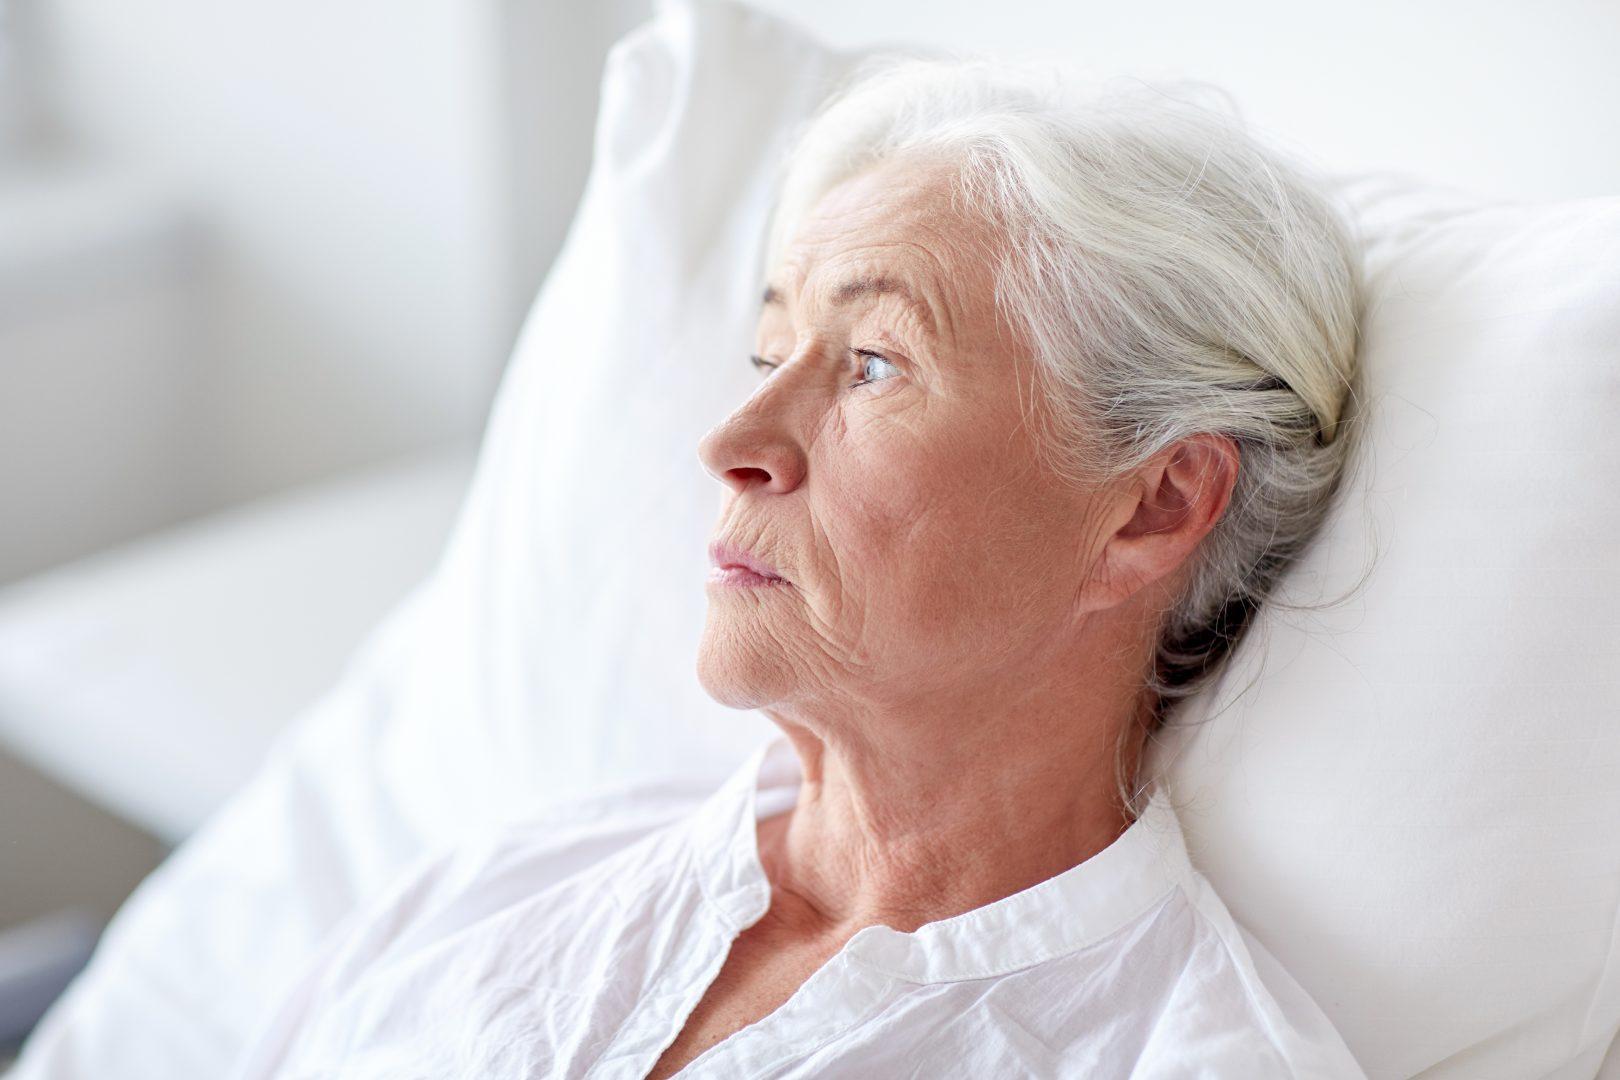 Oudere vrouw kijkt weg